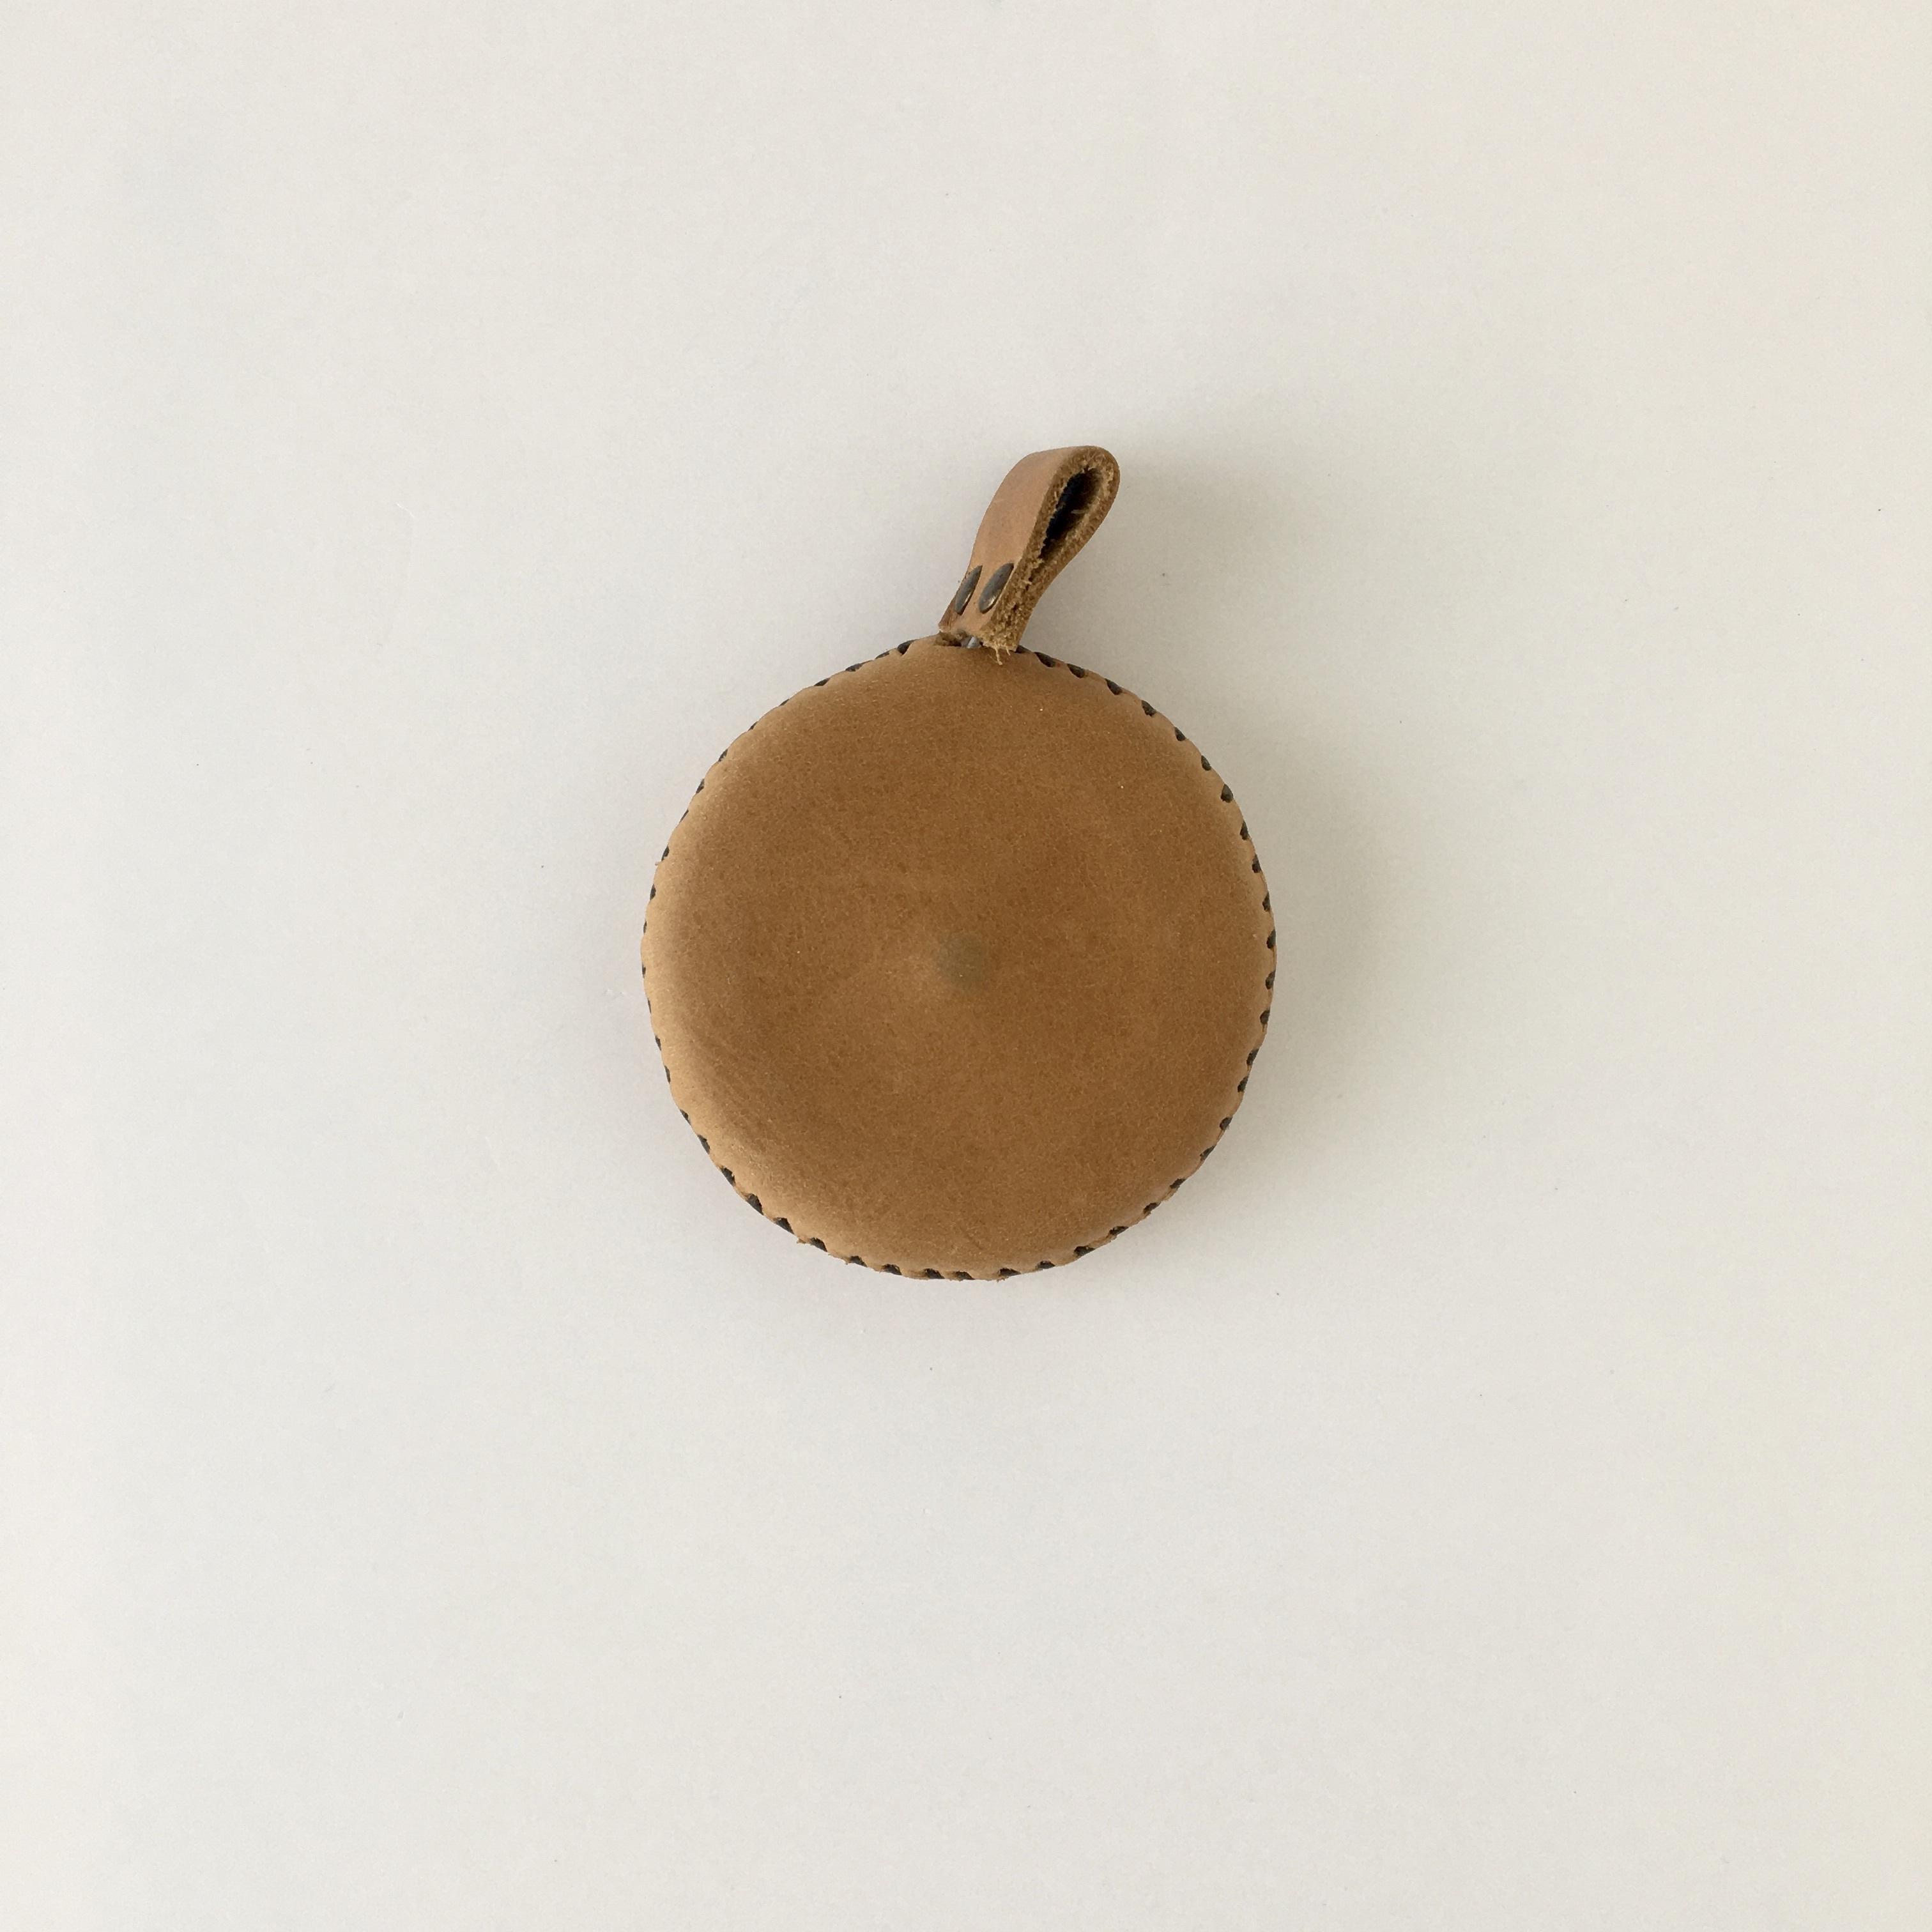 革のメジャー Leather Tape Measure